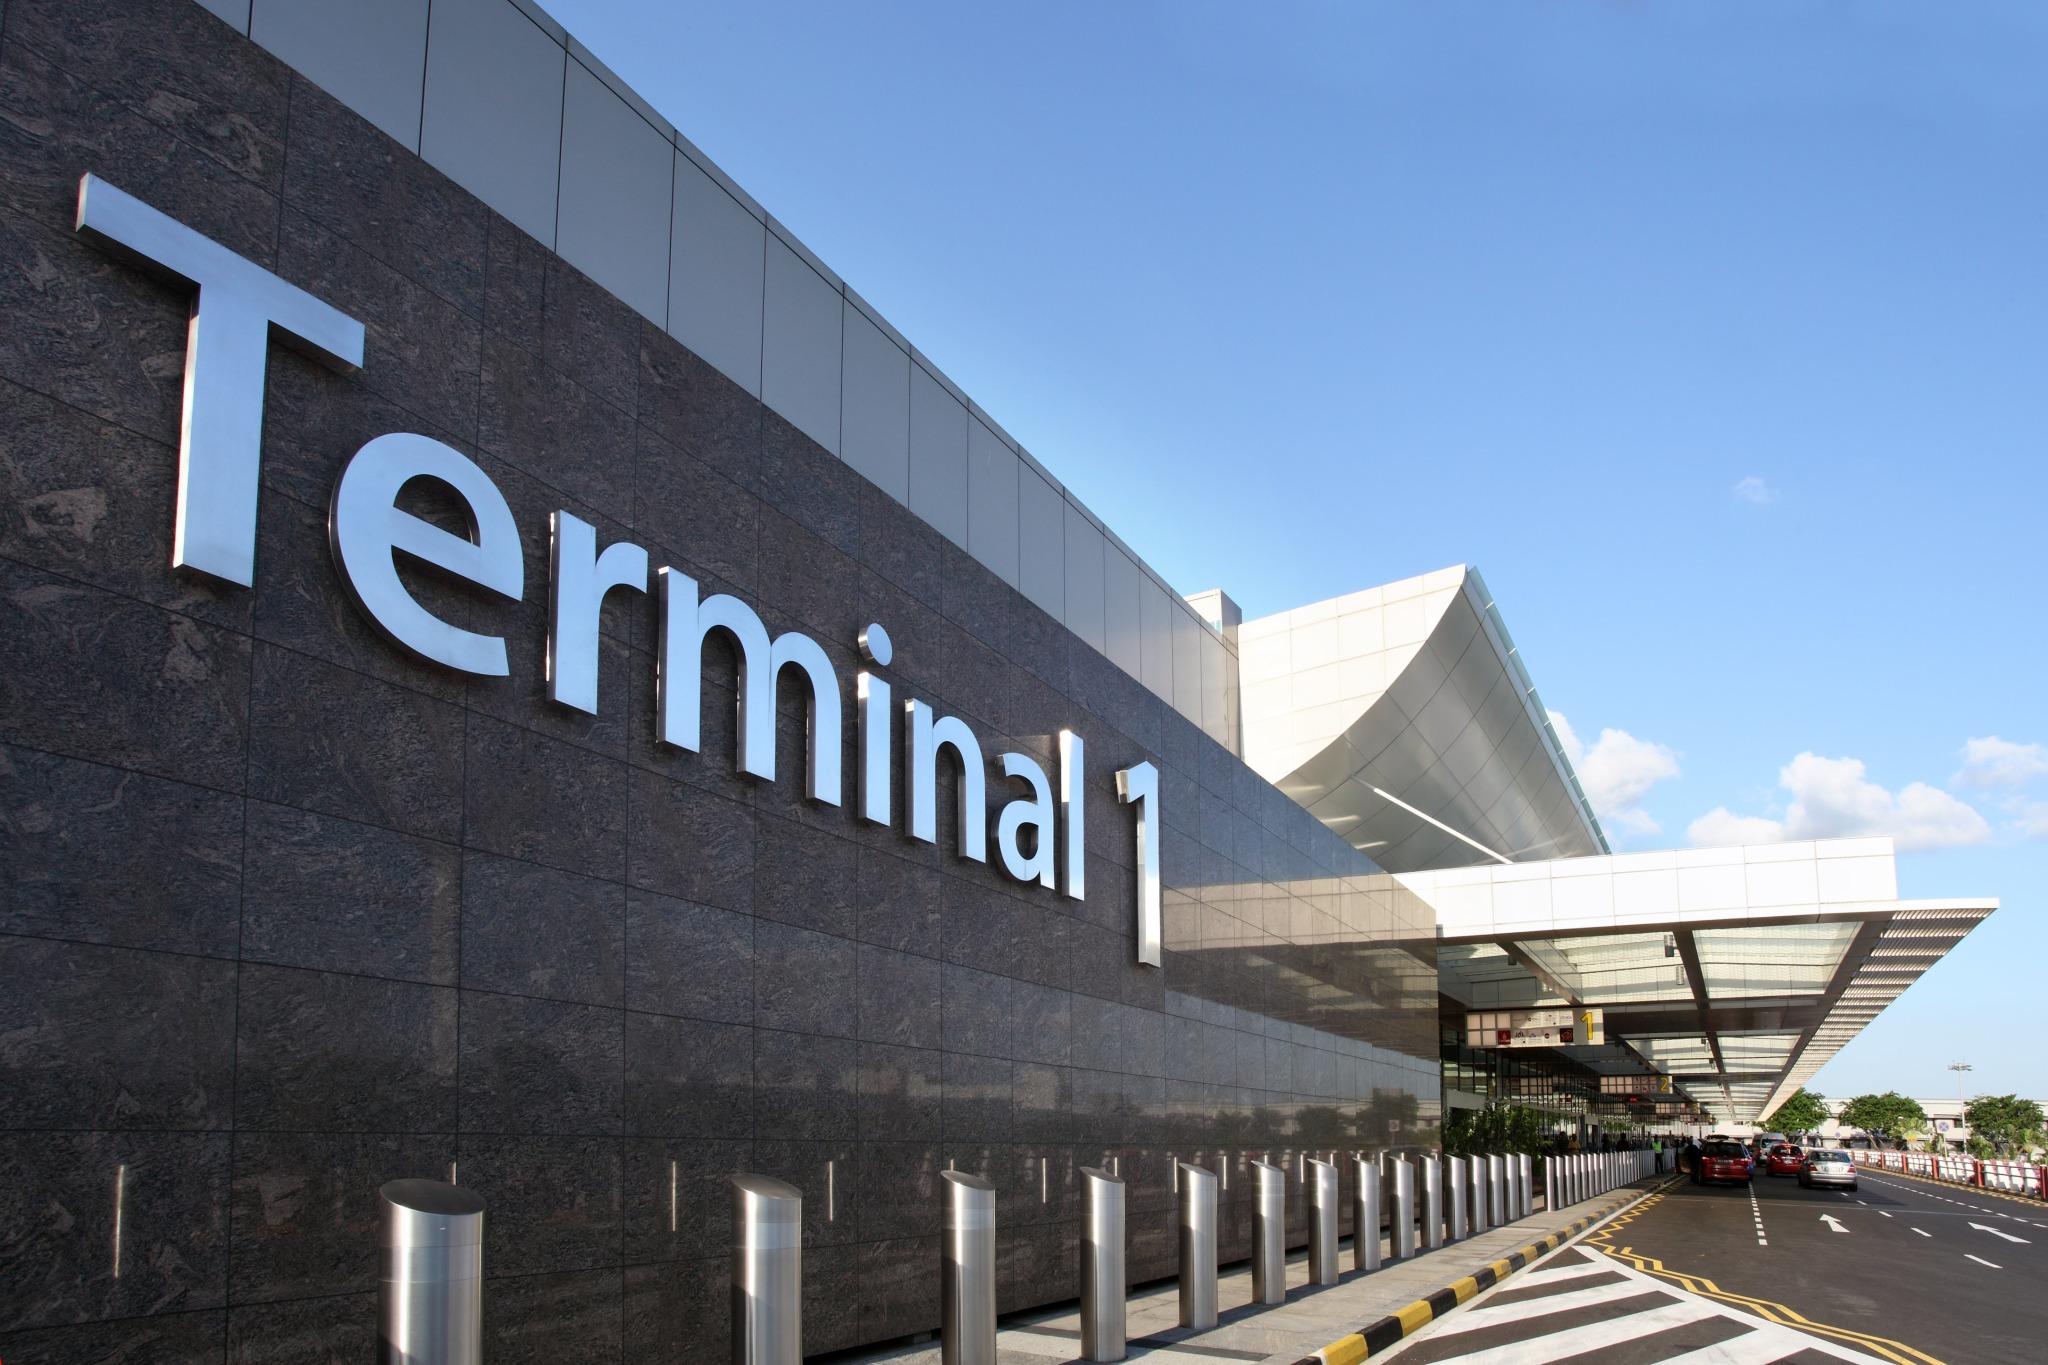 Photo Credit: Changi Airport